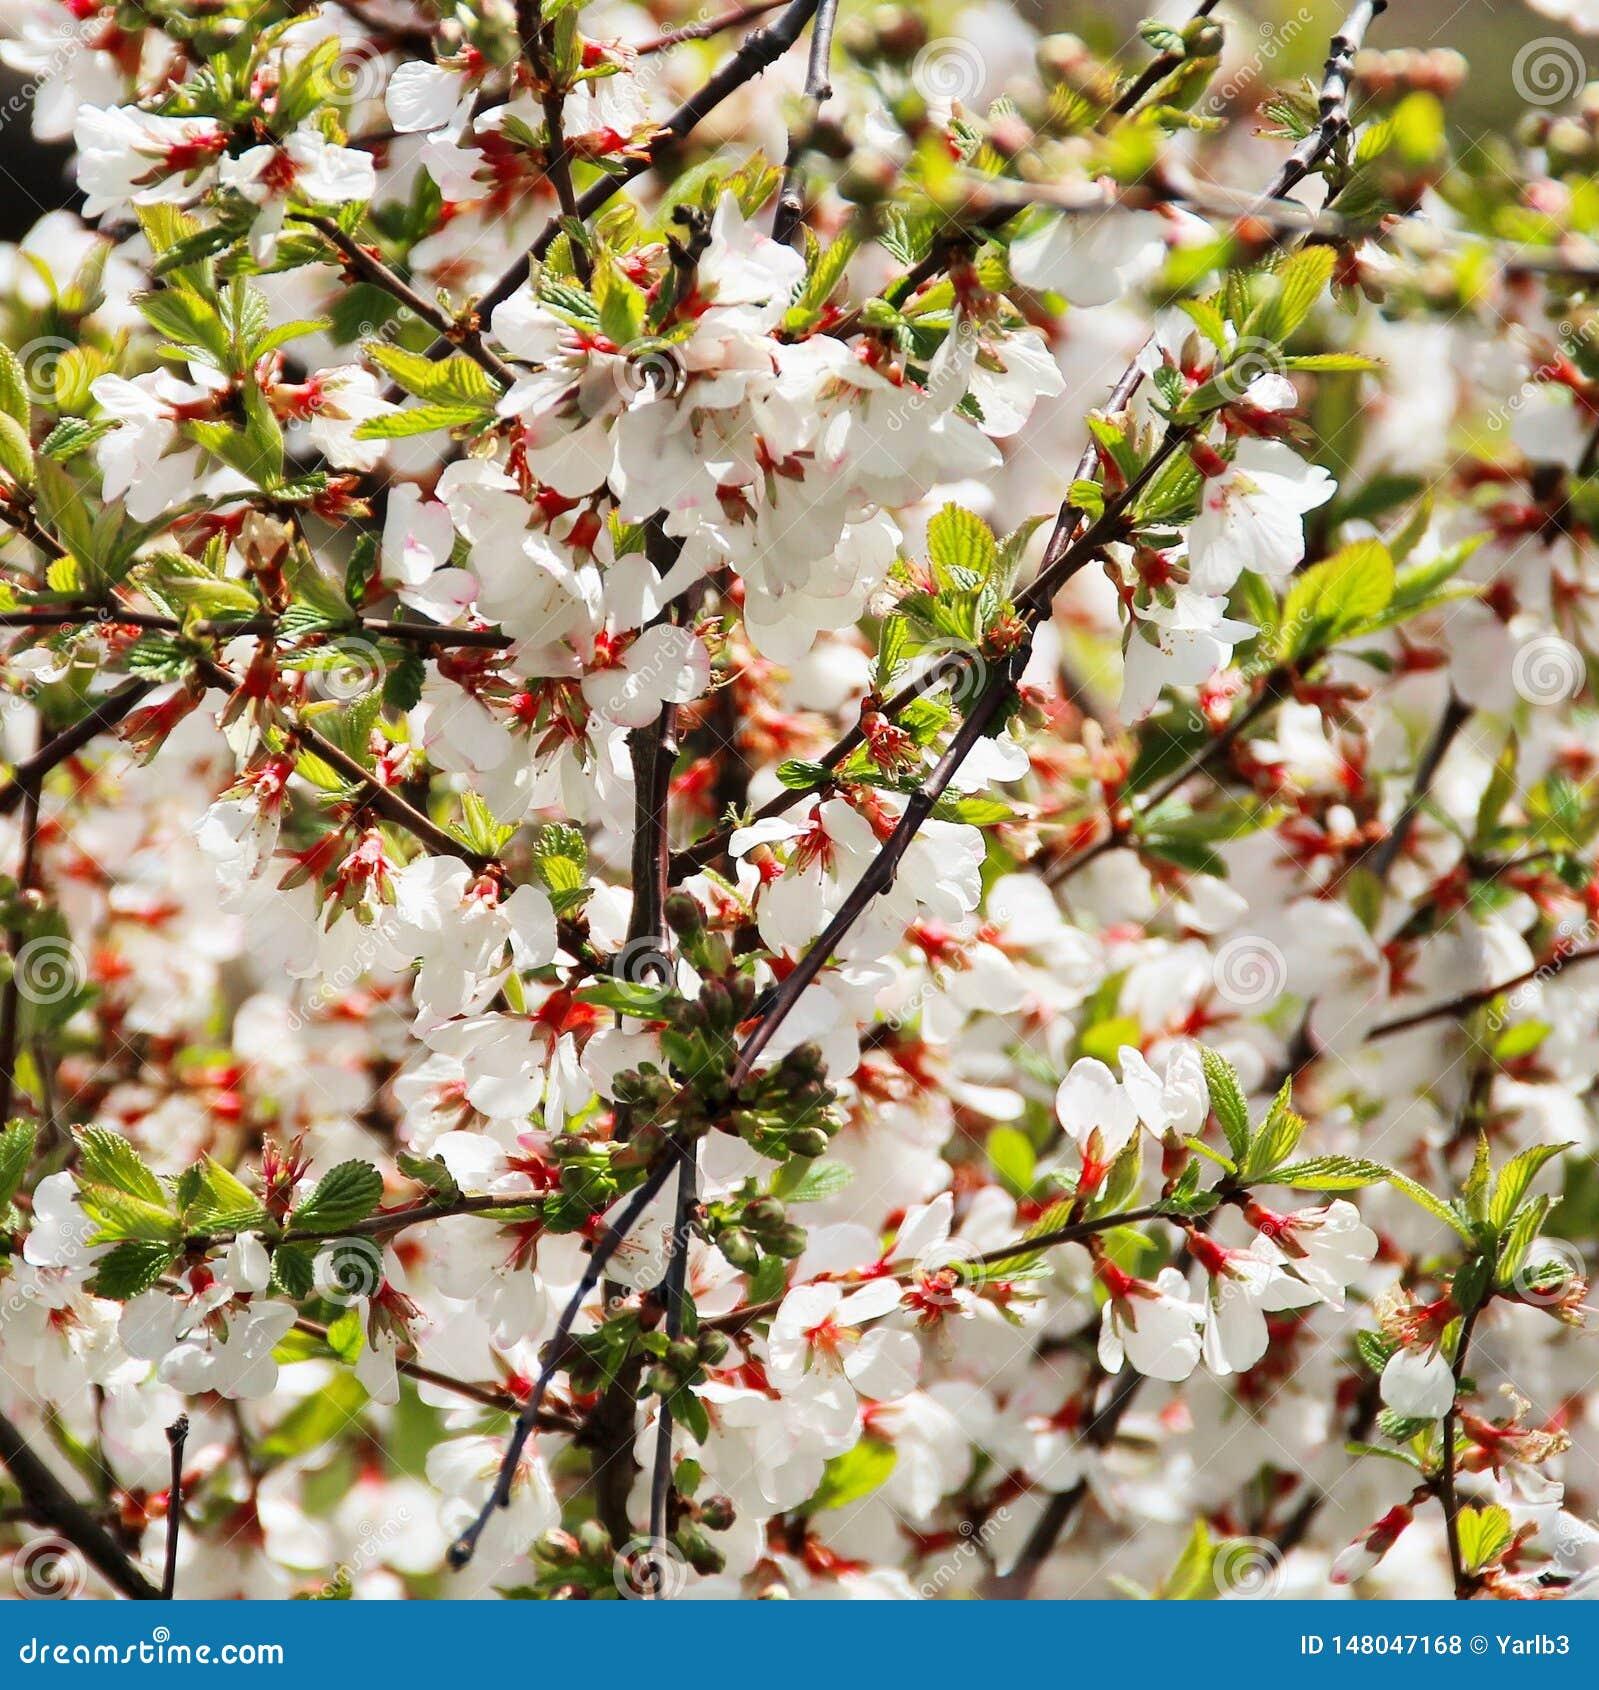 Abundantly blooming cherry